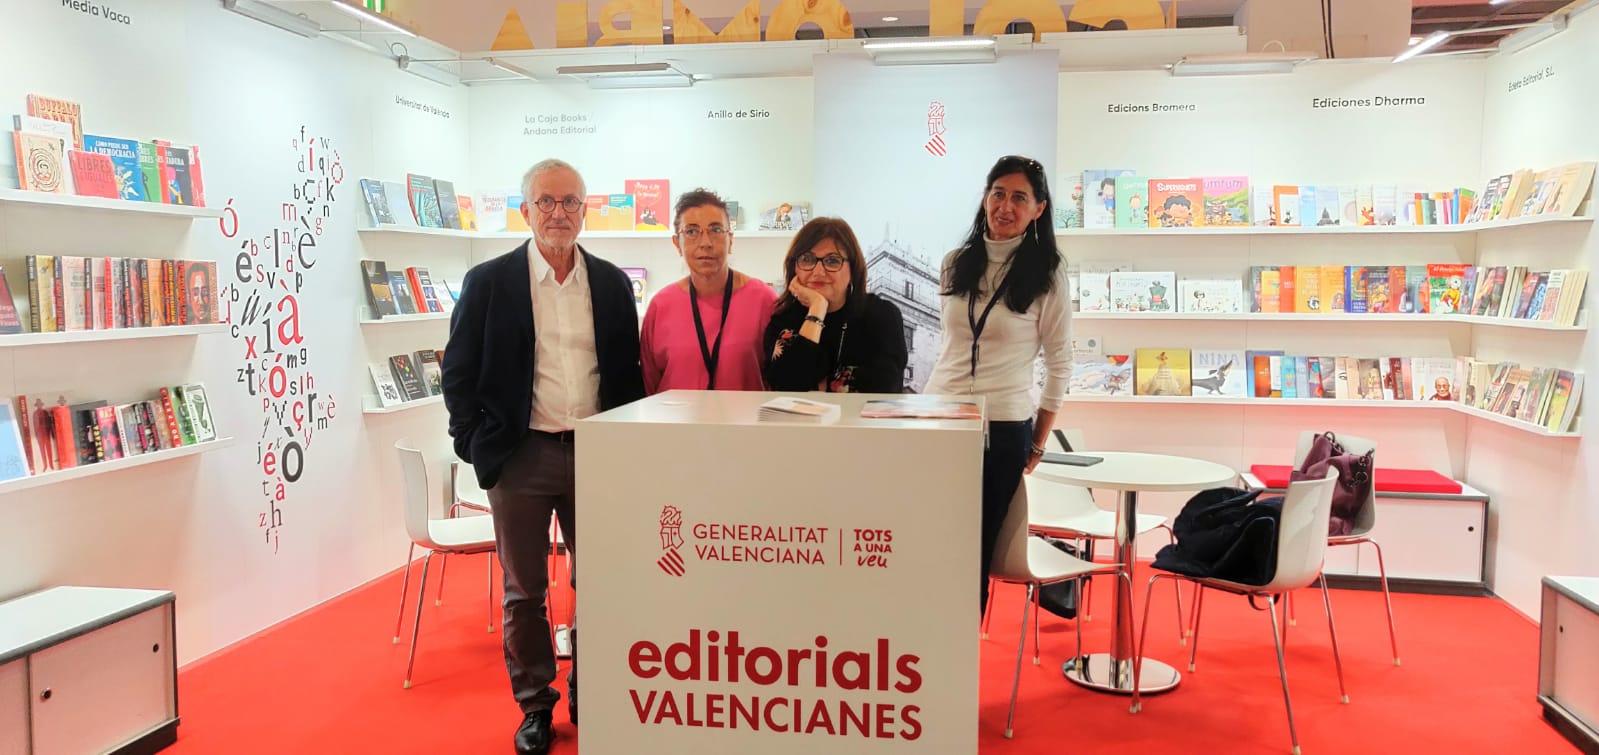 La Generalitat facilita la participación de las editoriales valencianas en la Feria del Libro de Frankfurt